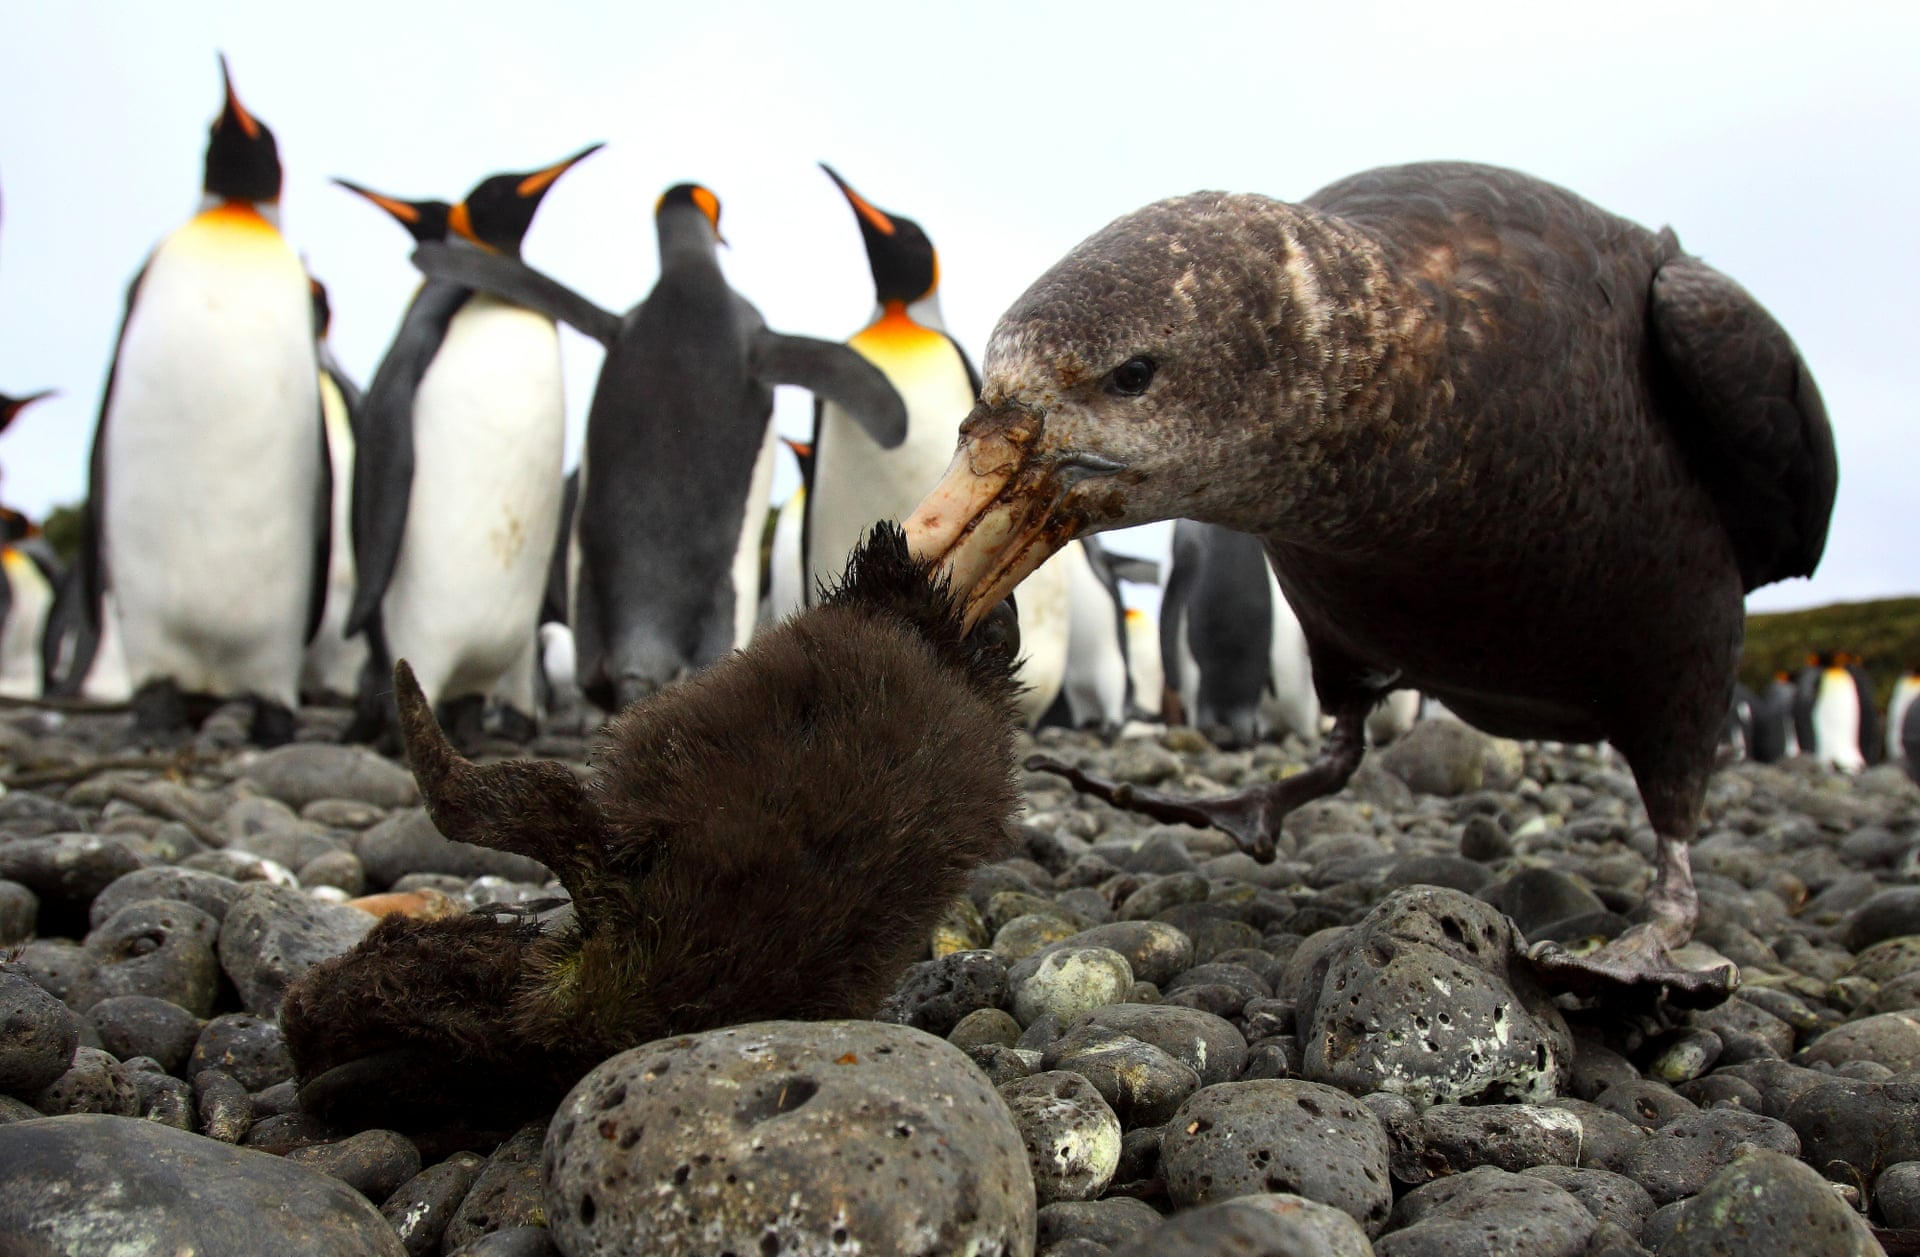 На этом фото южный гигантский буревестник нападает наптенца королевского пингвина, а взрослые пингвины стоят рядом исмотрят. Буревестники известны как падальщики, но их можно считать иназемными хищниками. Фото сделано наострове Марион.